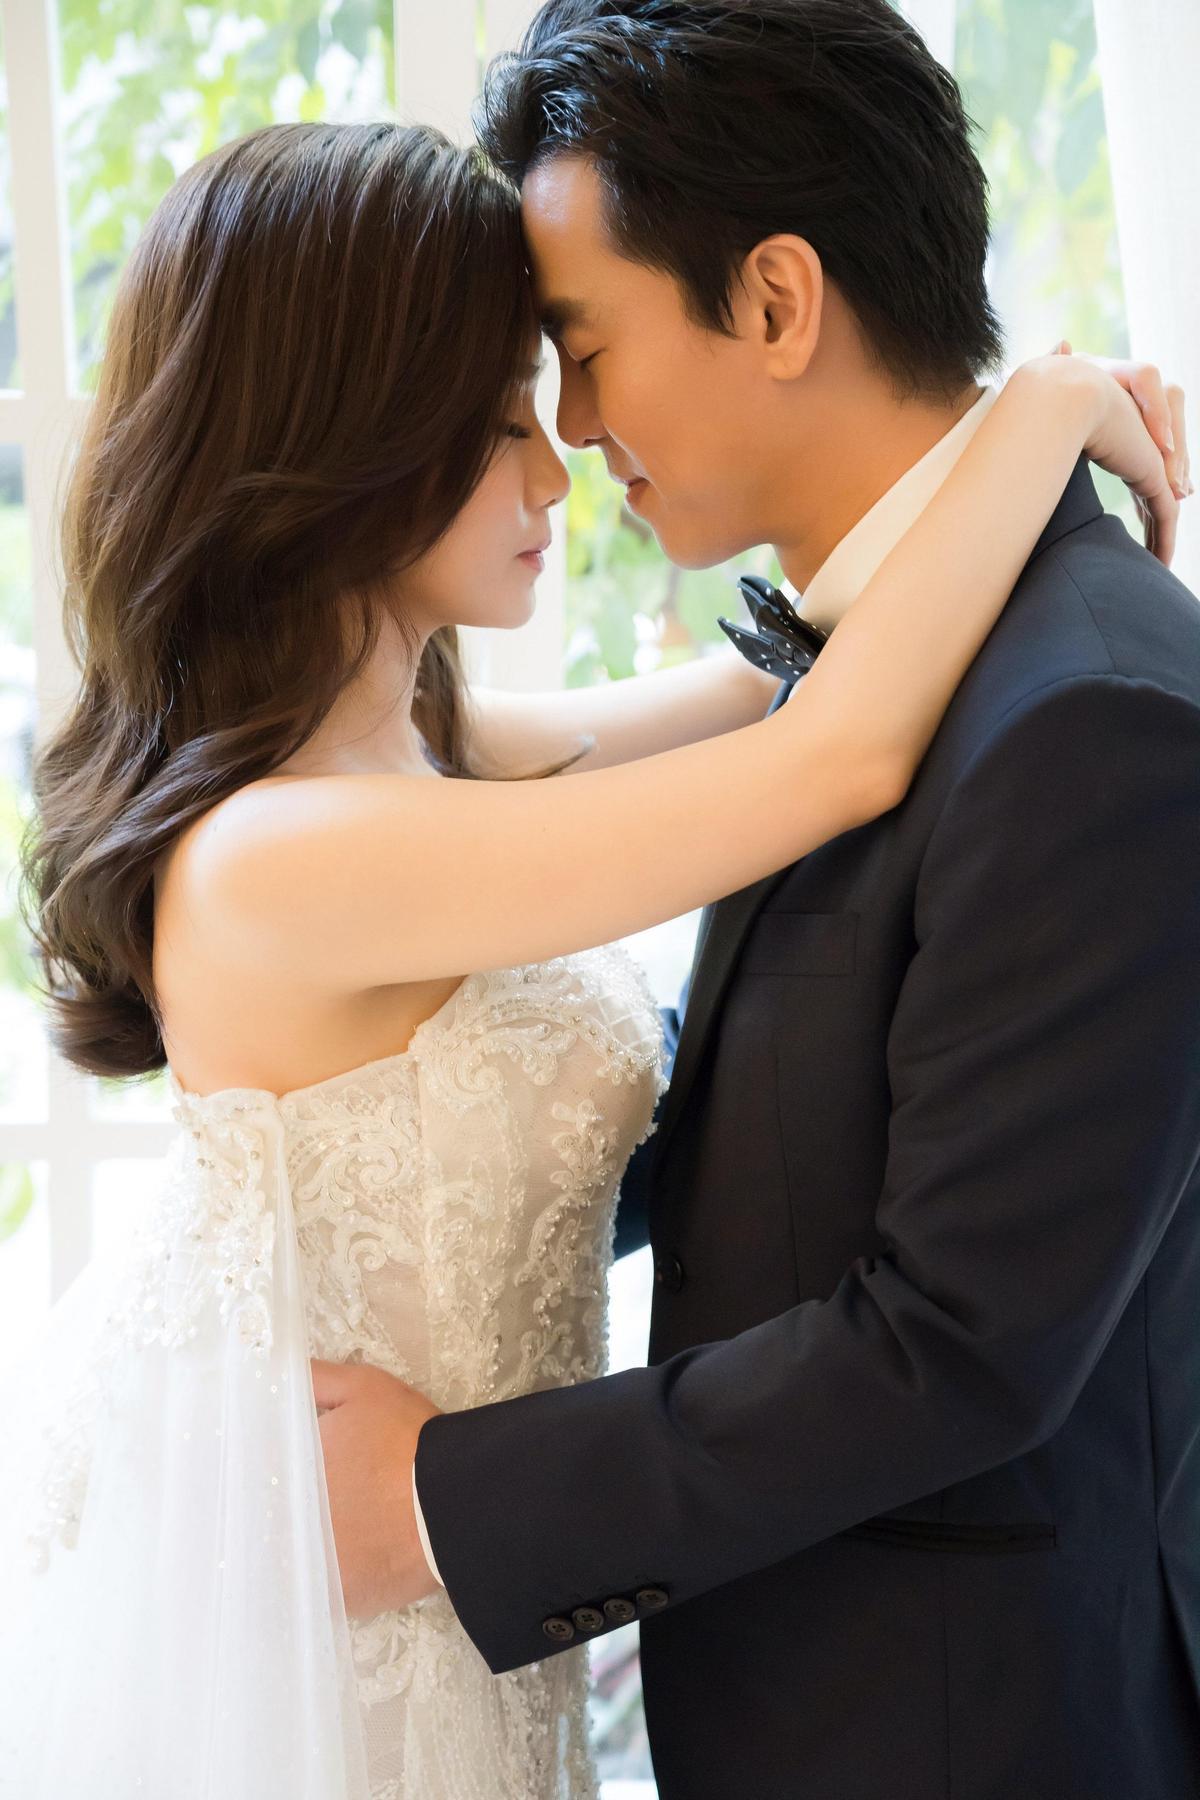 柯有倫的老婆本來怕麻煩不想舉辦婚禮,但柯認為一生就這一次,值得慶祝紀念。(林莉婚紗提供)